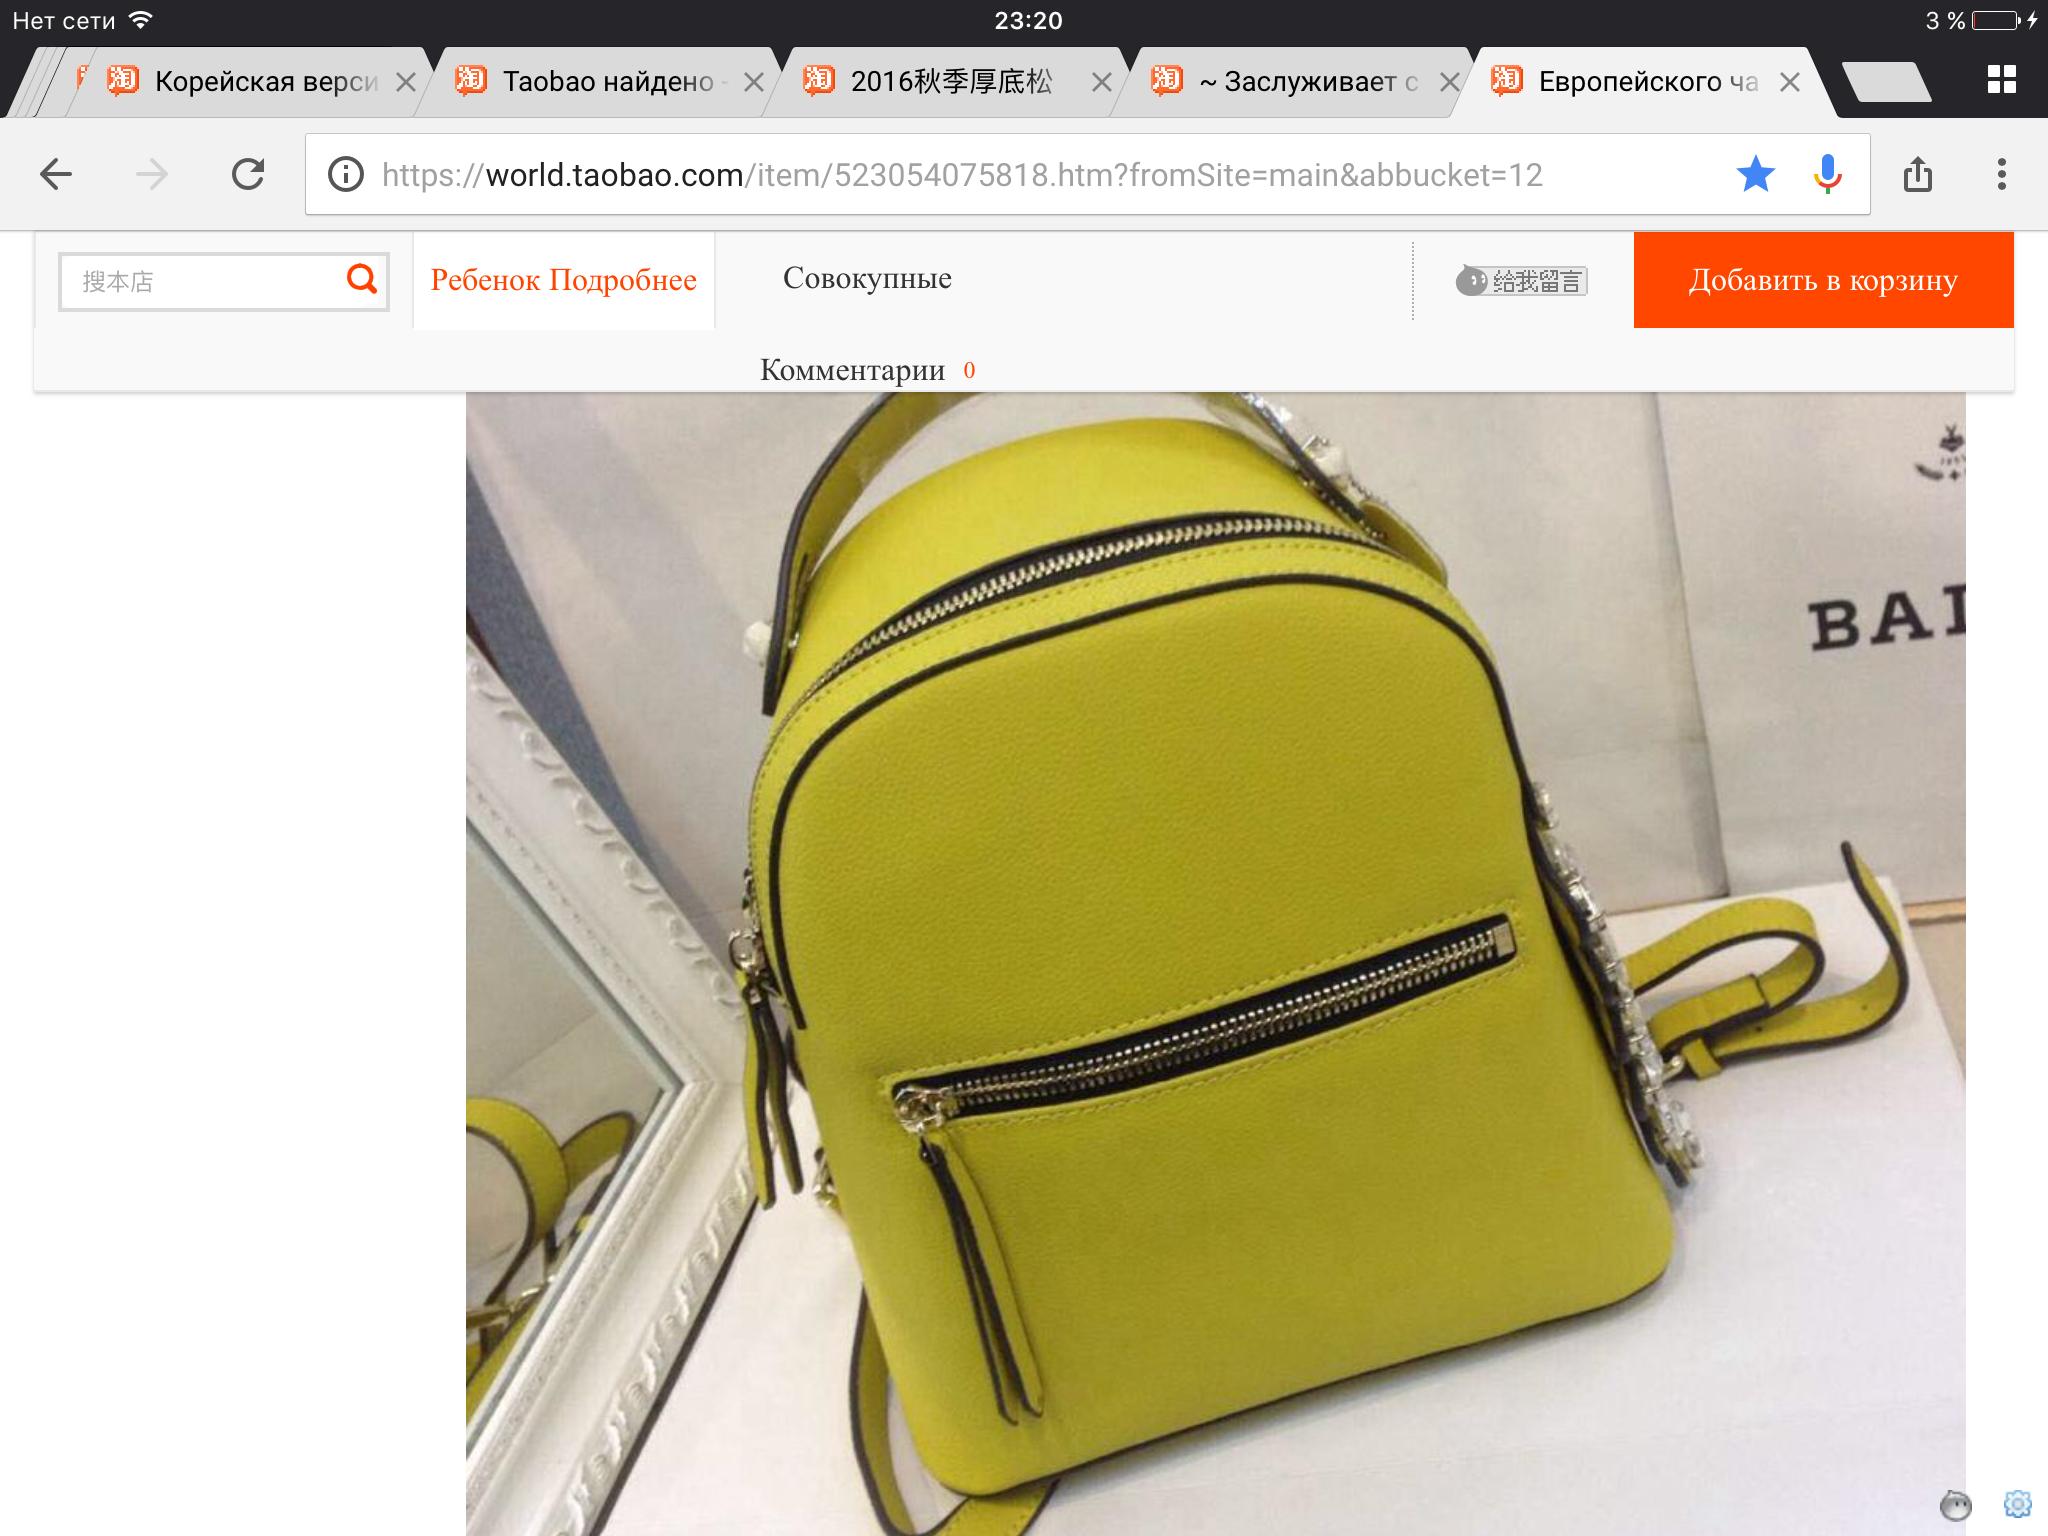 ecf5f8a52581 Как искать бренды на TAOBAO   Посредник ТаоБао. Надежный и ...